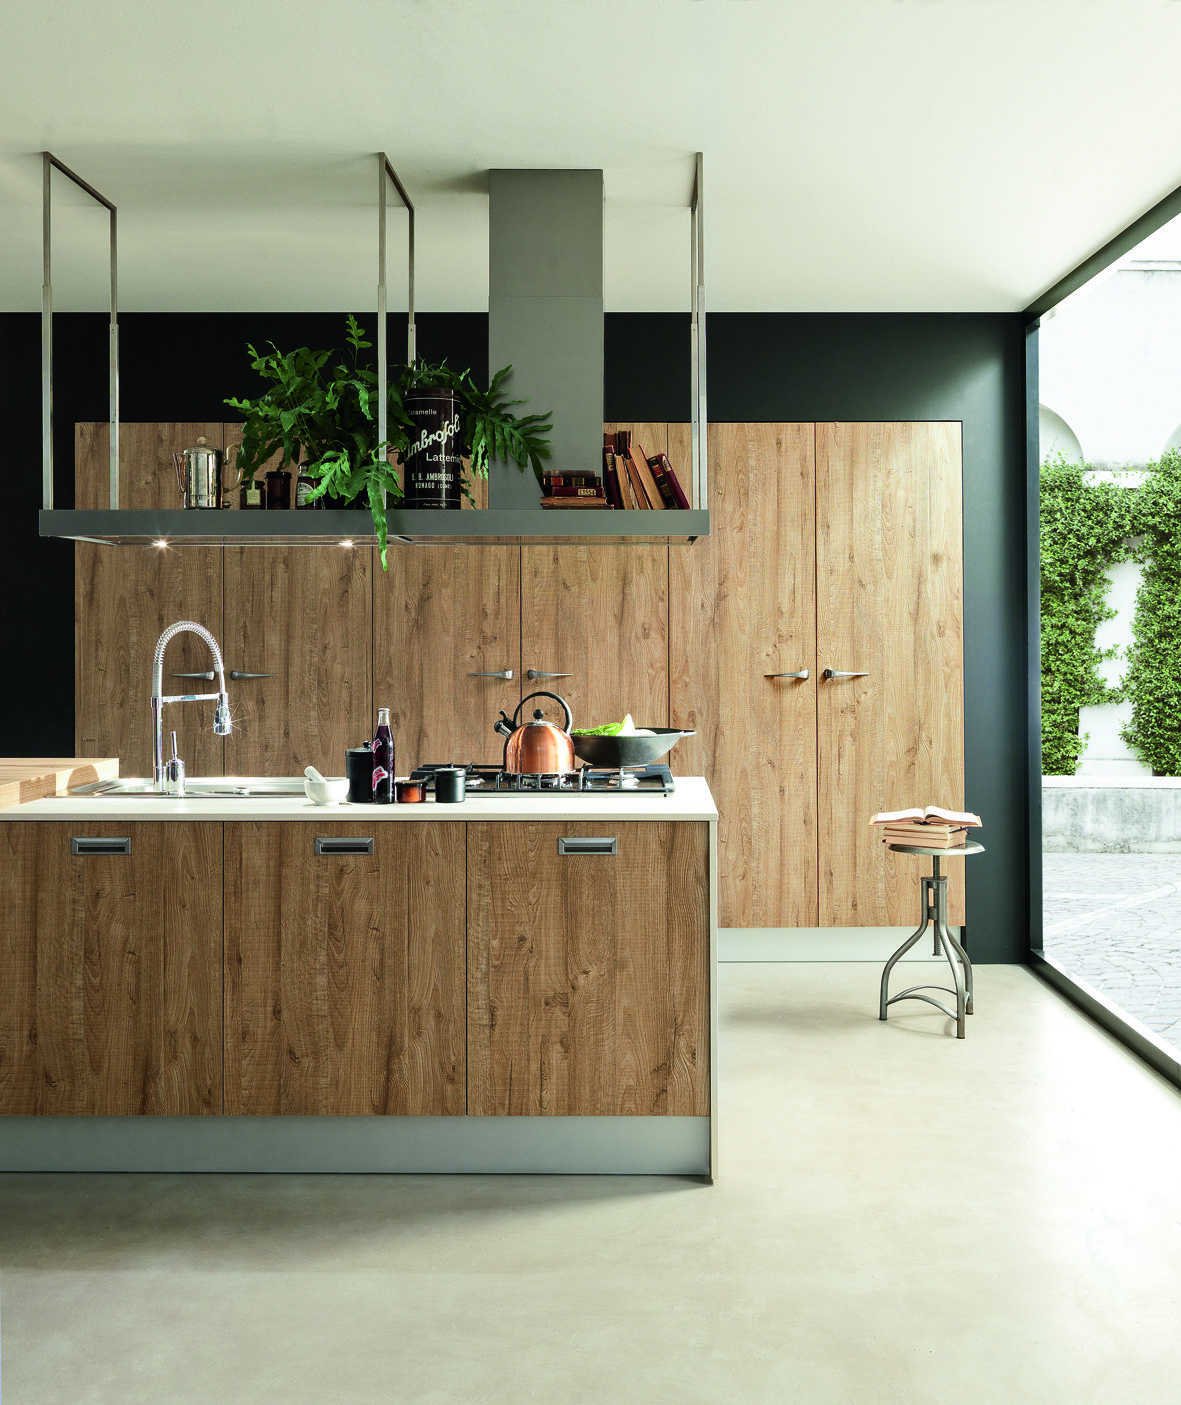 cucine industrial style - cose di casa - Cose Di Casa Cucine